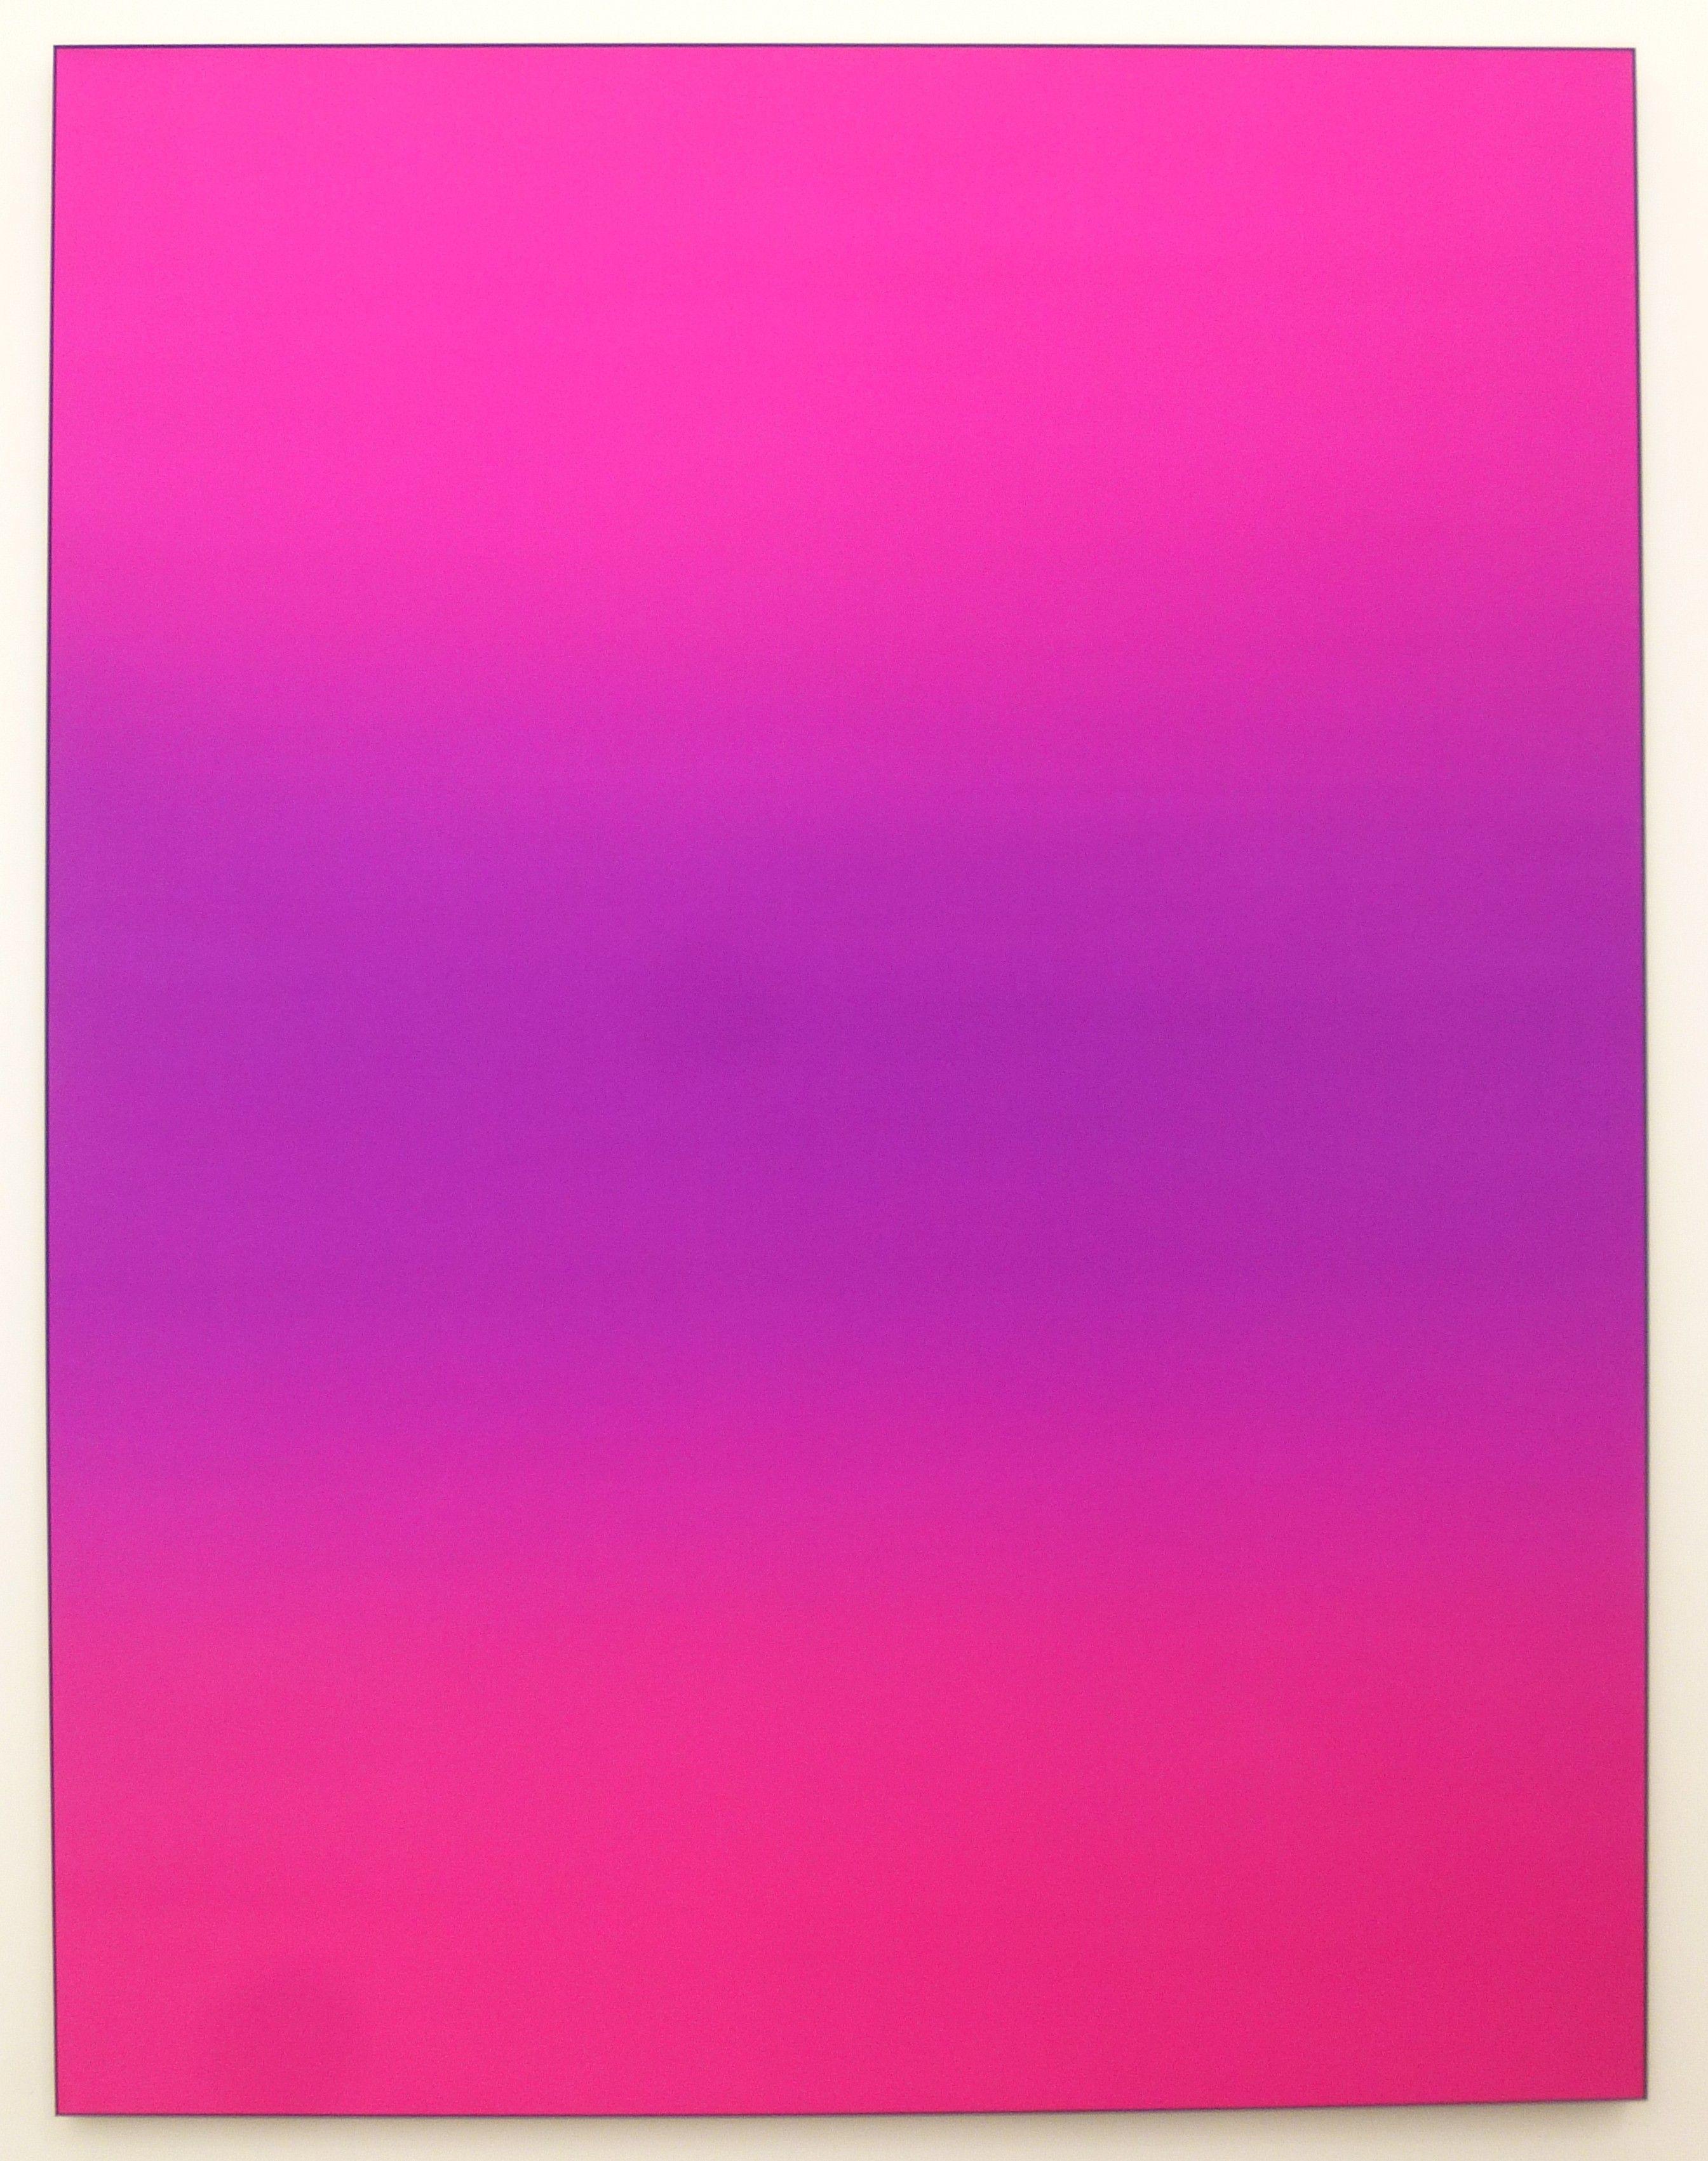 Pink Thing of The Day: Matti Braun, Untitled